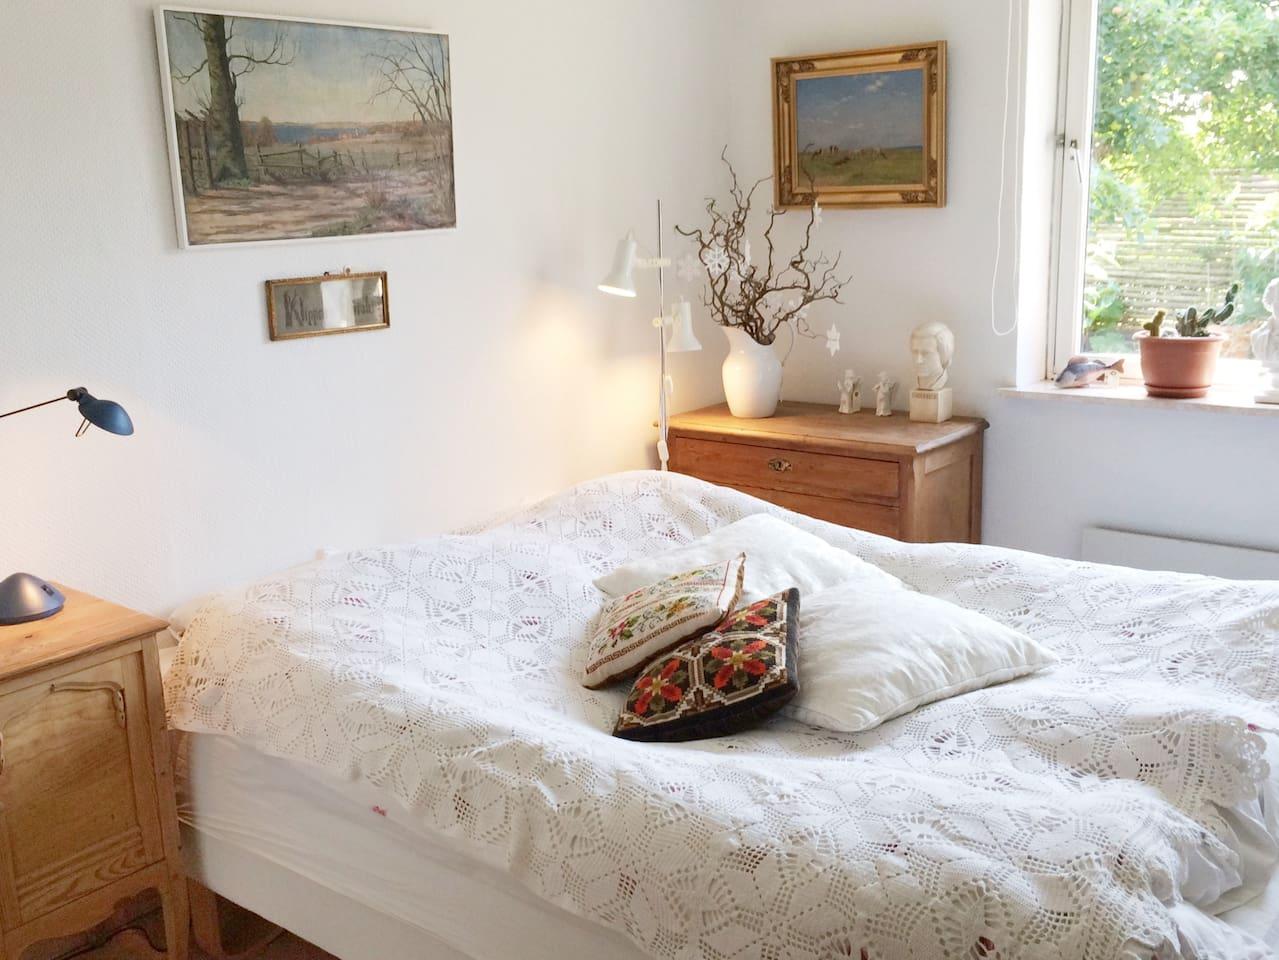 Maries værelse